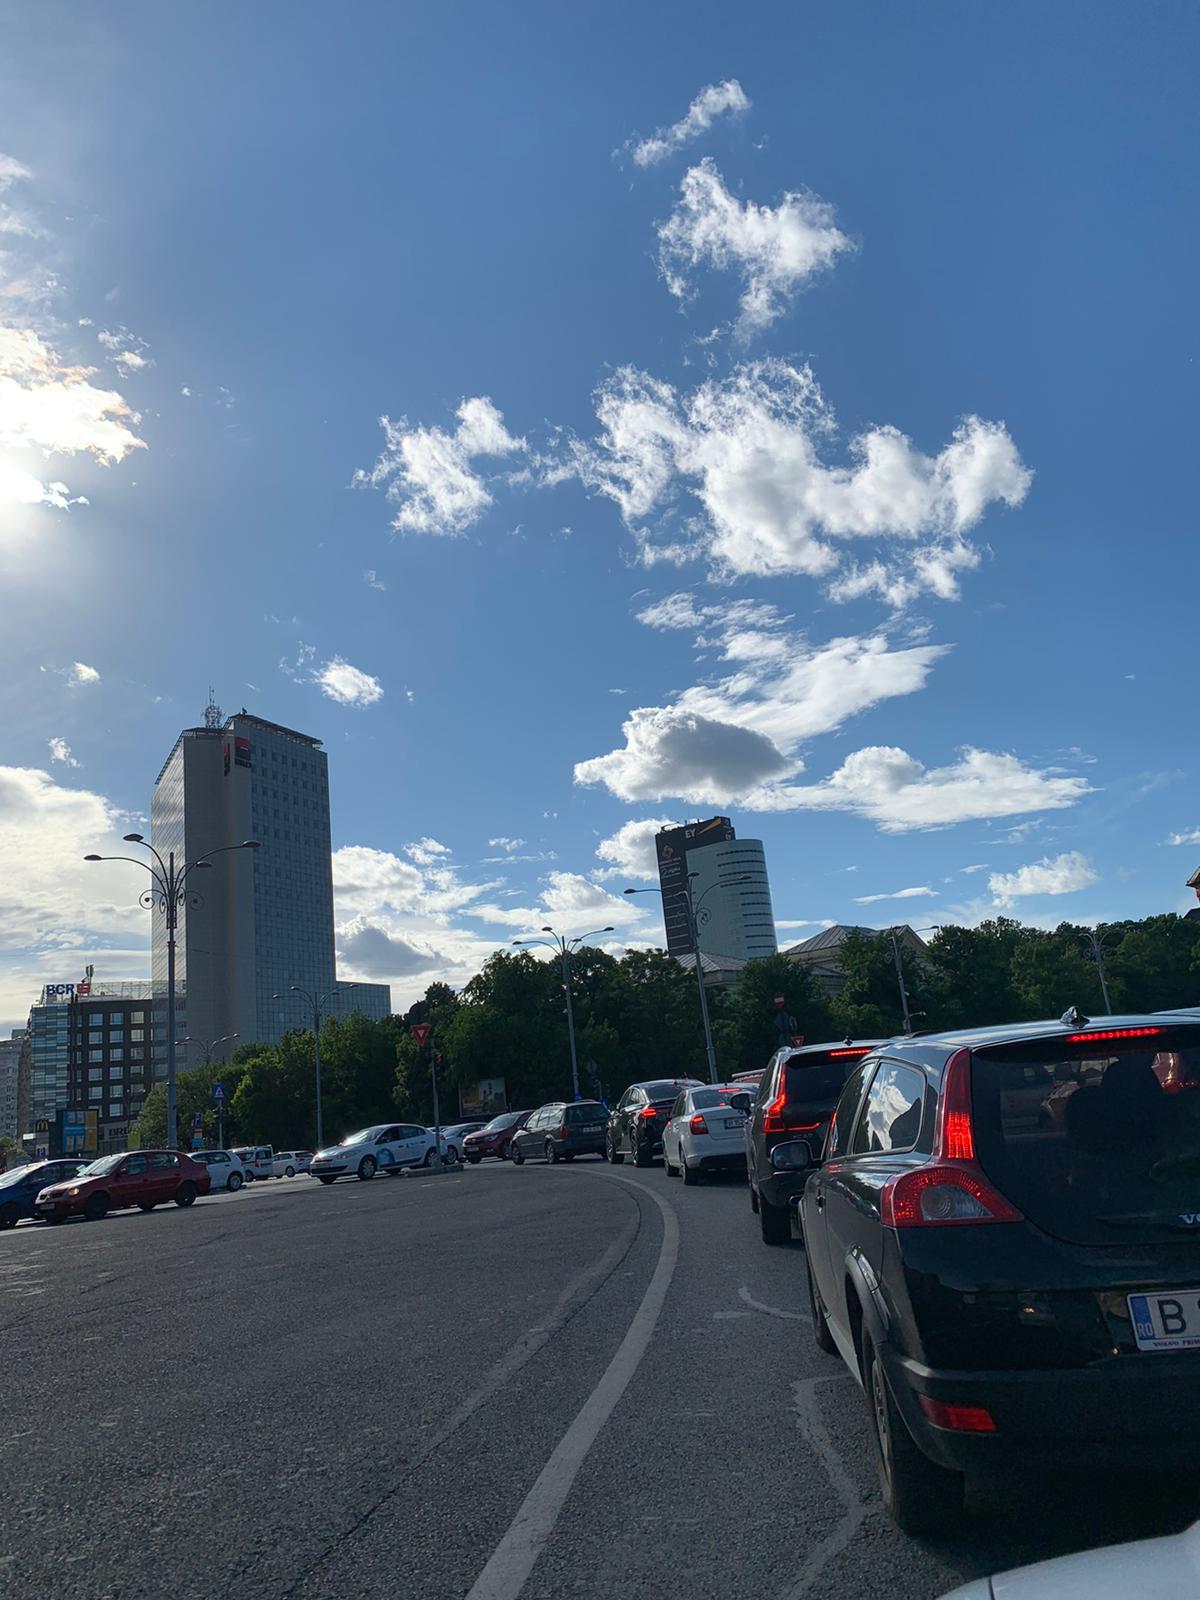 Deschiderea școlilor în București a paralizat traficul. Polițiștii de la Rutieră au intervenit